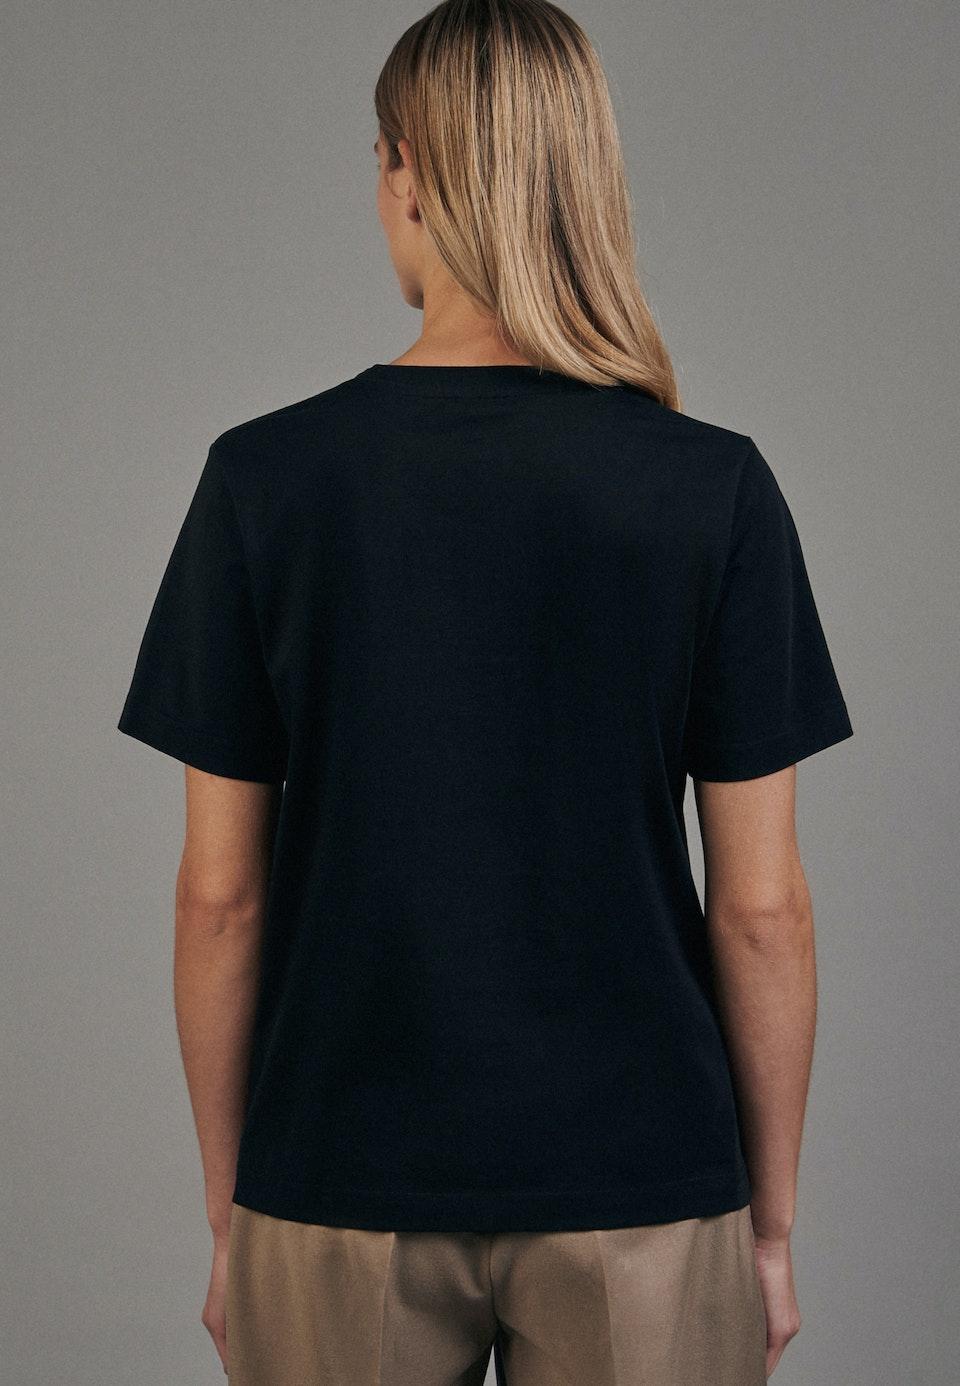 Crew Neck T-Shirt made of 100% Cotton in Black |  Seidensticker Onlineshop